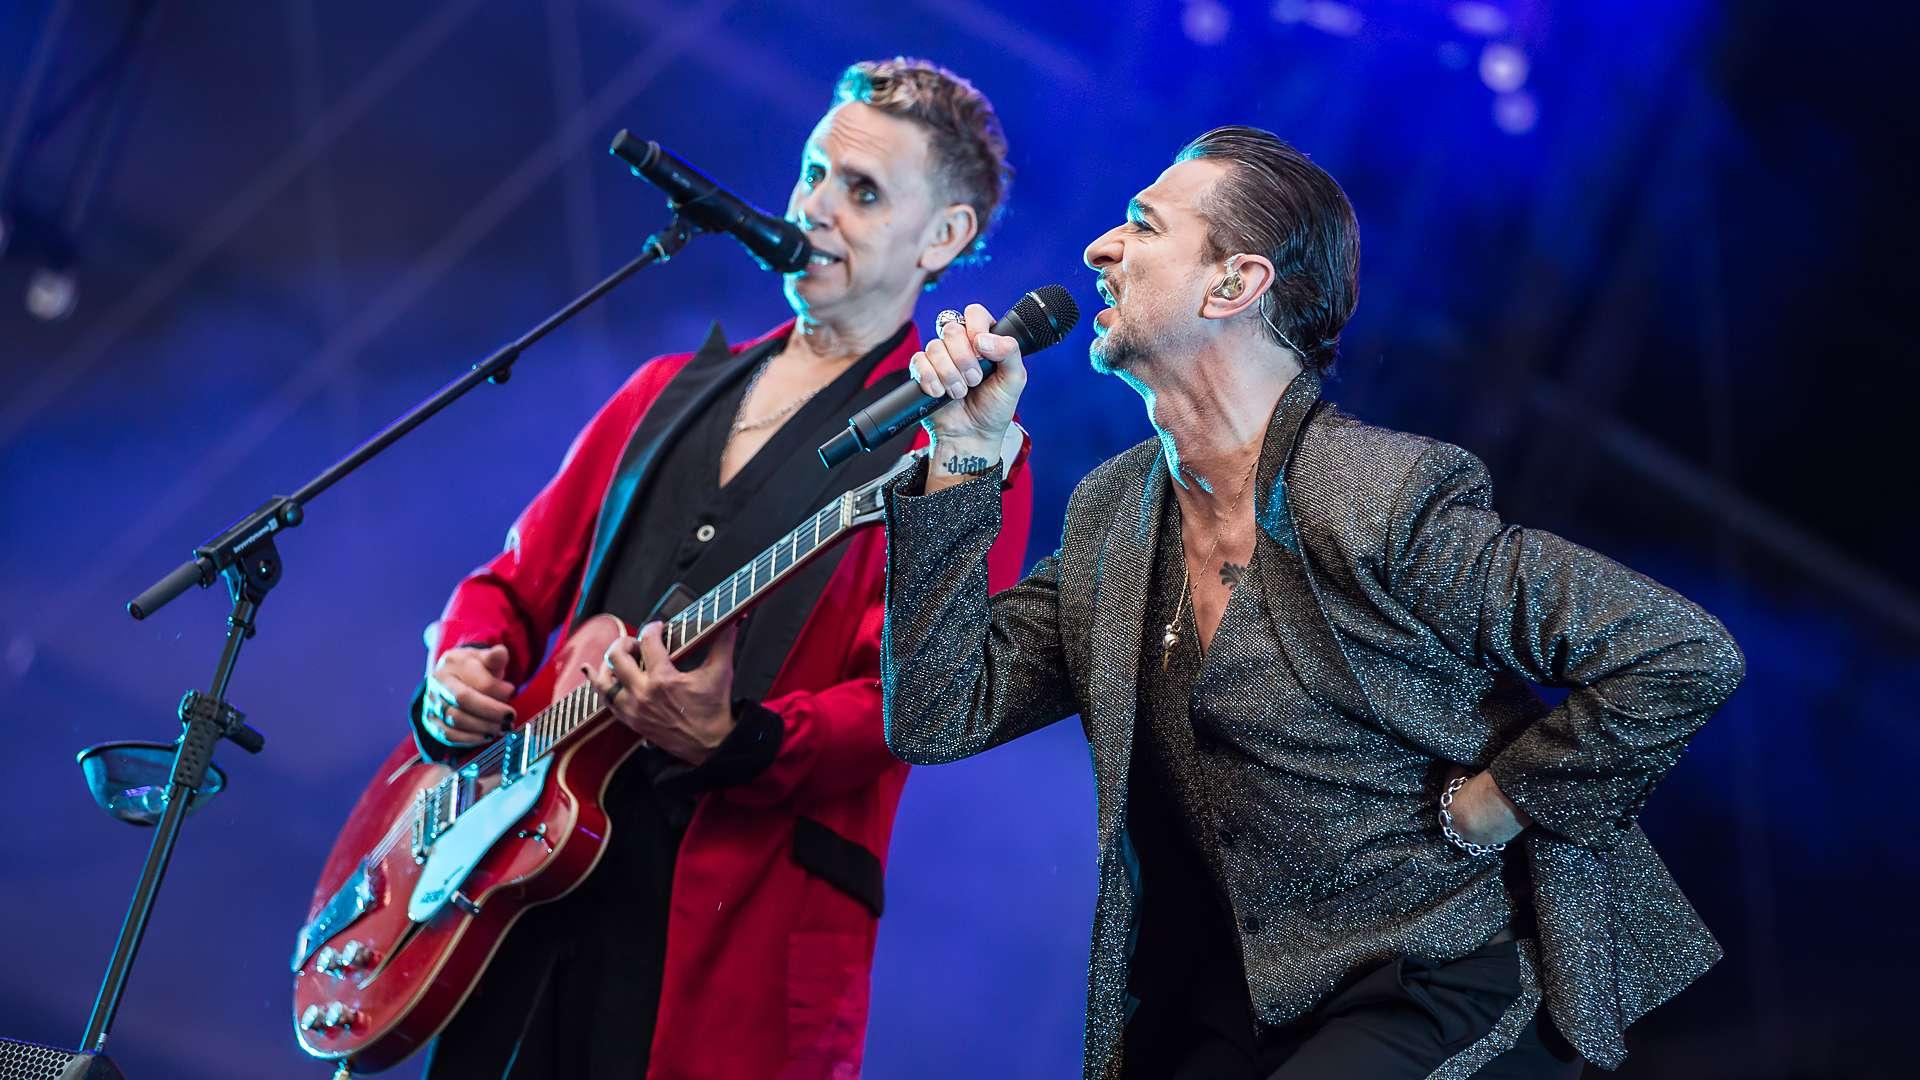 Depeche mode live in m nchen 2017 die besten fotos - Depeche mode in your room live 2017 ...